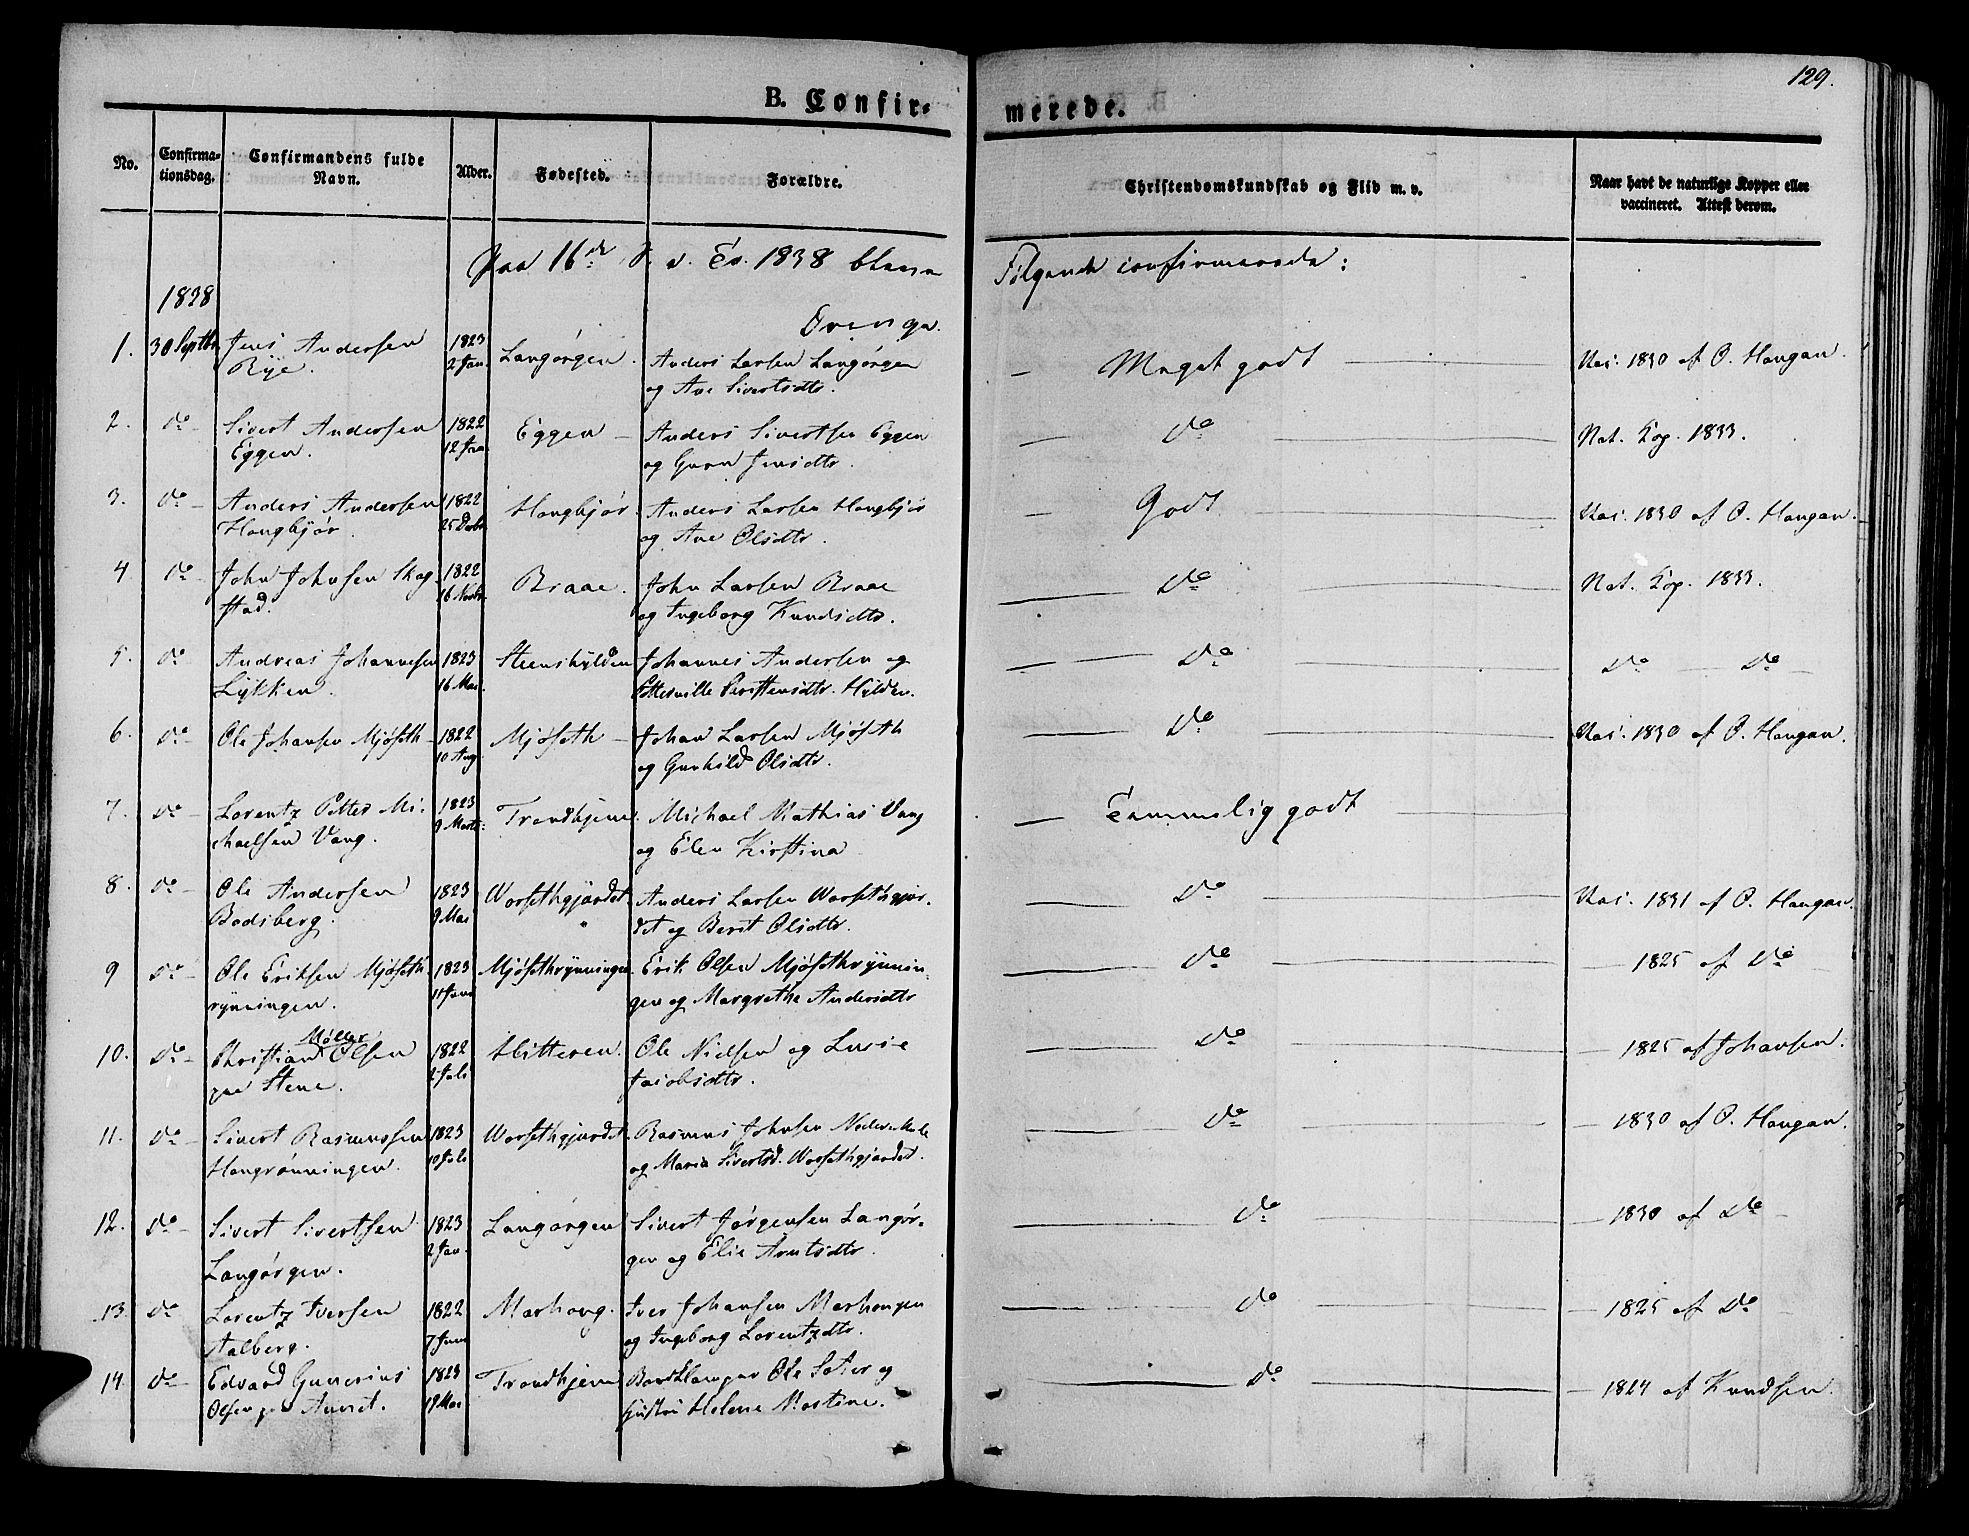 SAT, Ministerialprotokoller, klokkerbøker og fødselsregistre - Sør-Trøndelag, 612/L0374: Ministerialbok nr. 612A07 /1, 1829-1845, s. 129